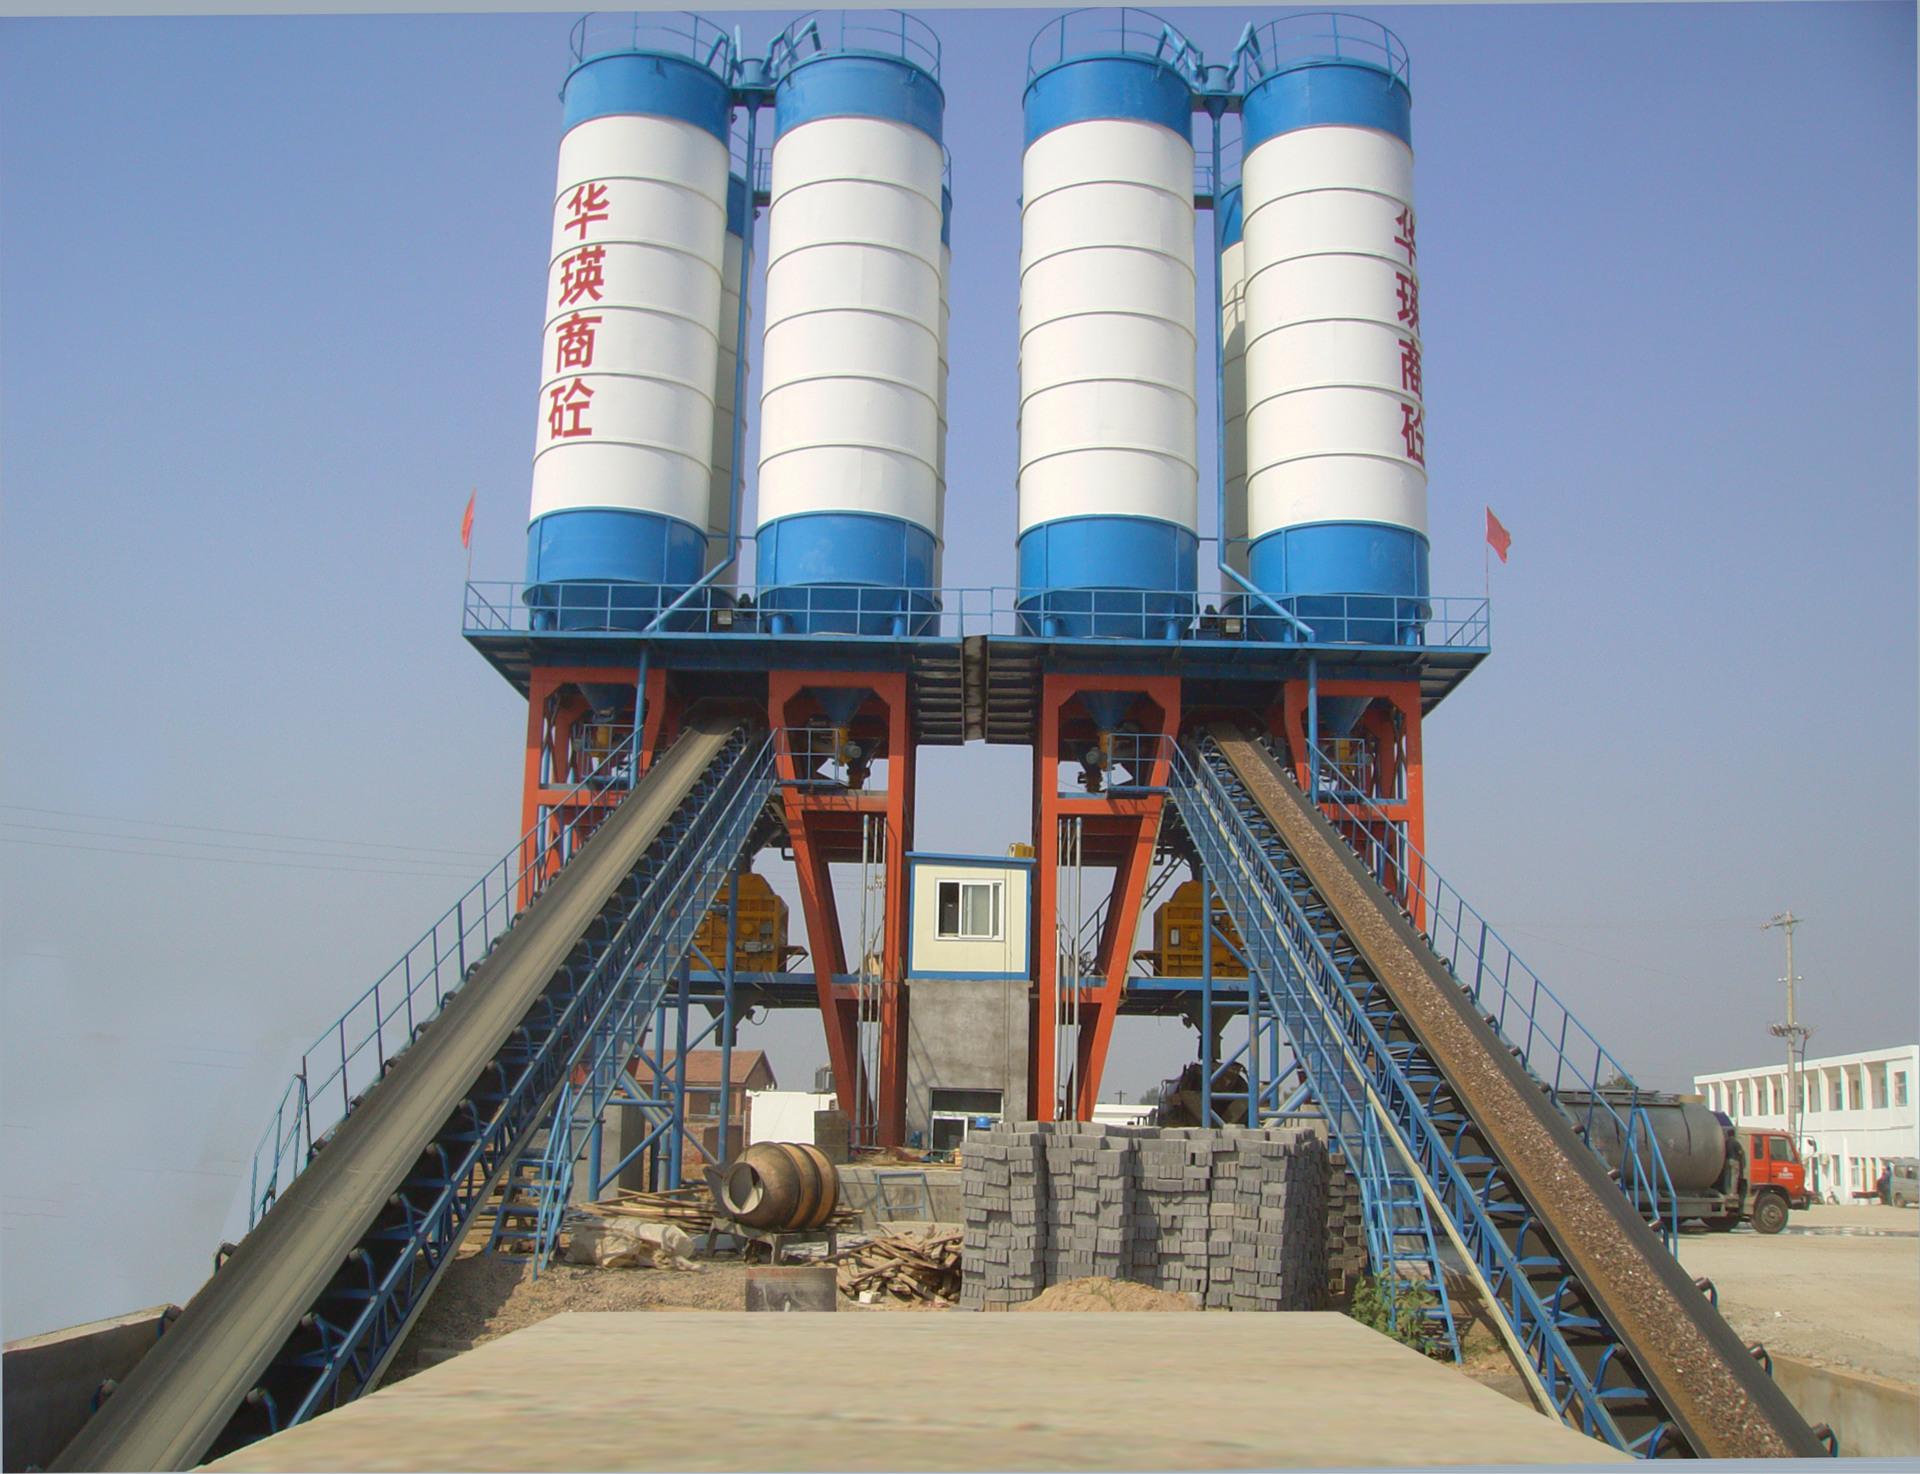 工程混凝土搅拌站HZS120B型节能环保混凝土搅拌站至圣制造图片